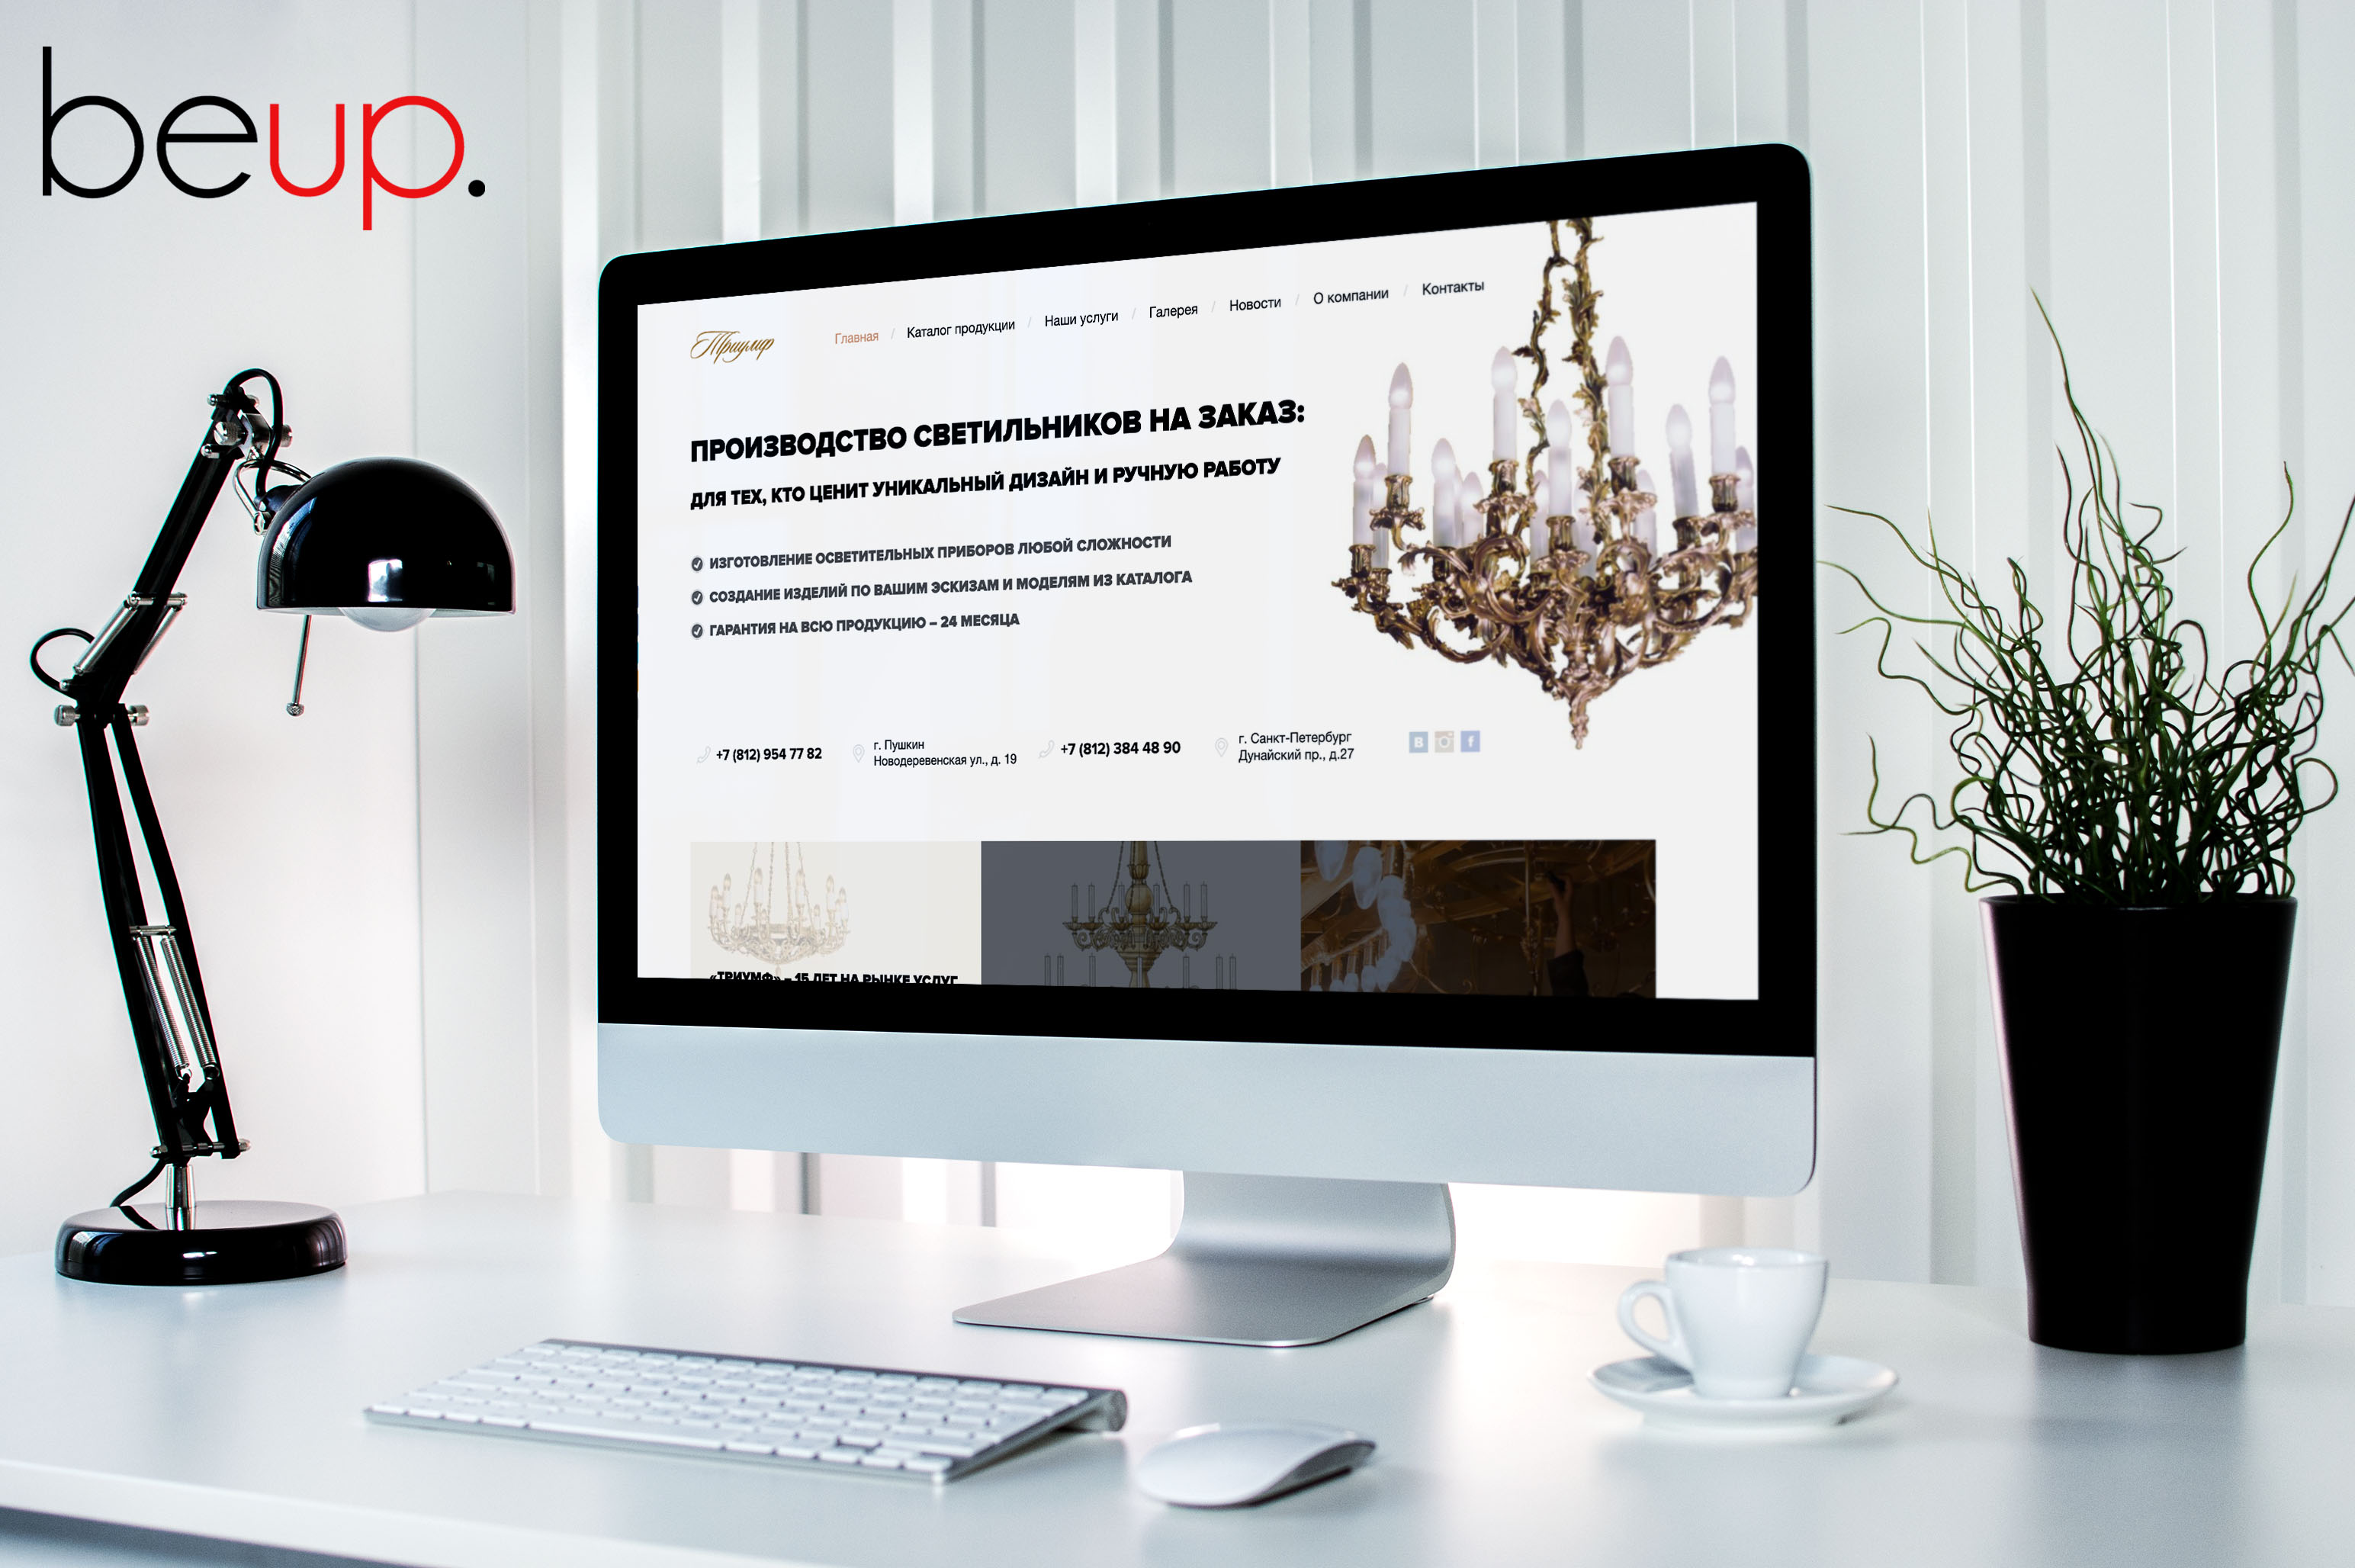 Триумф - производство эксклюзивных светильников на заказ